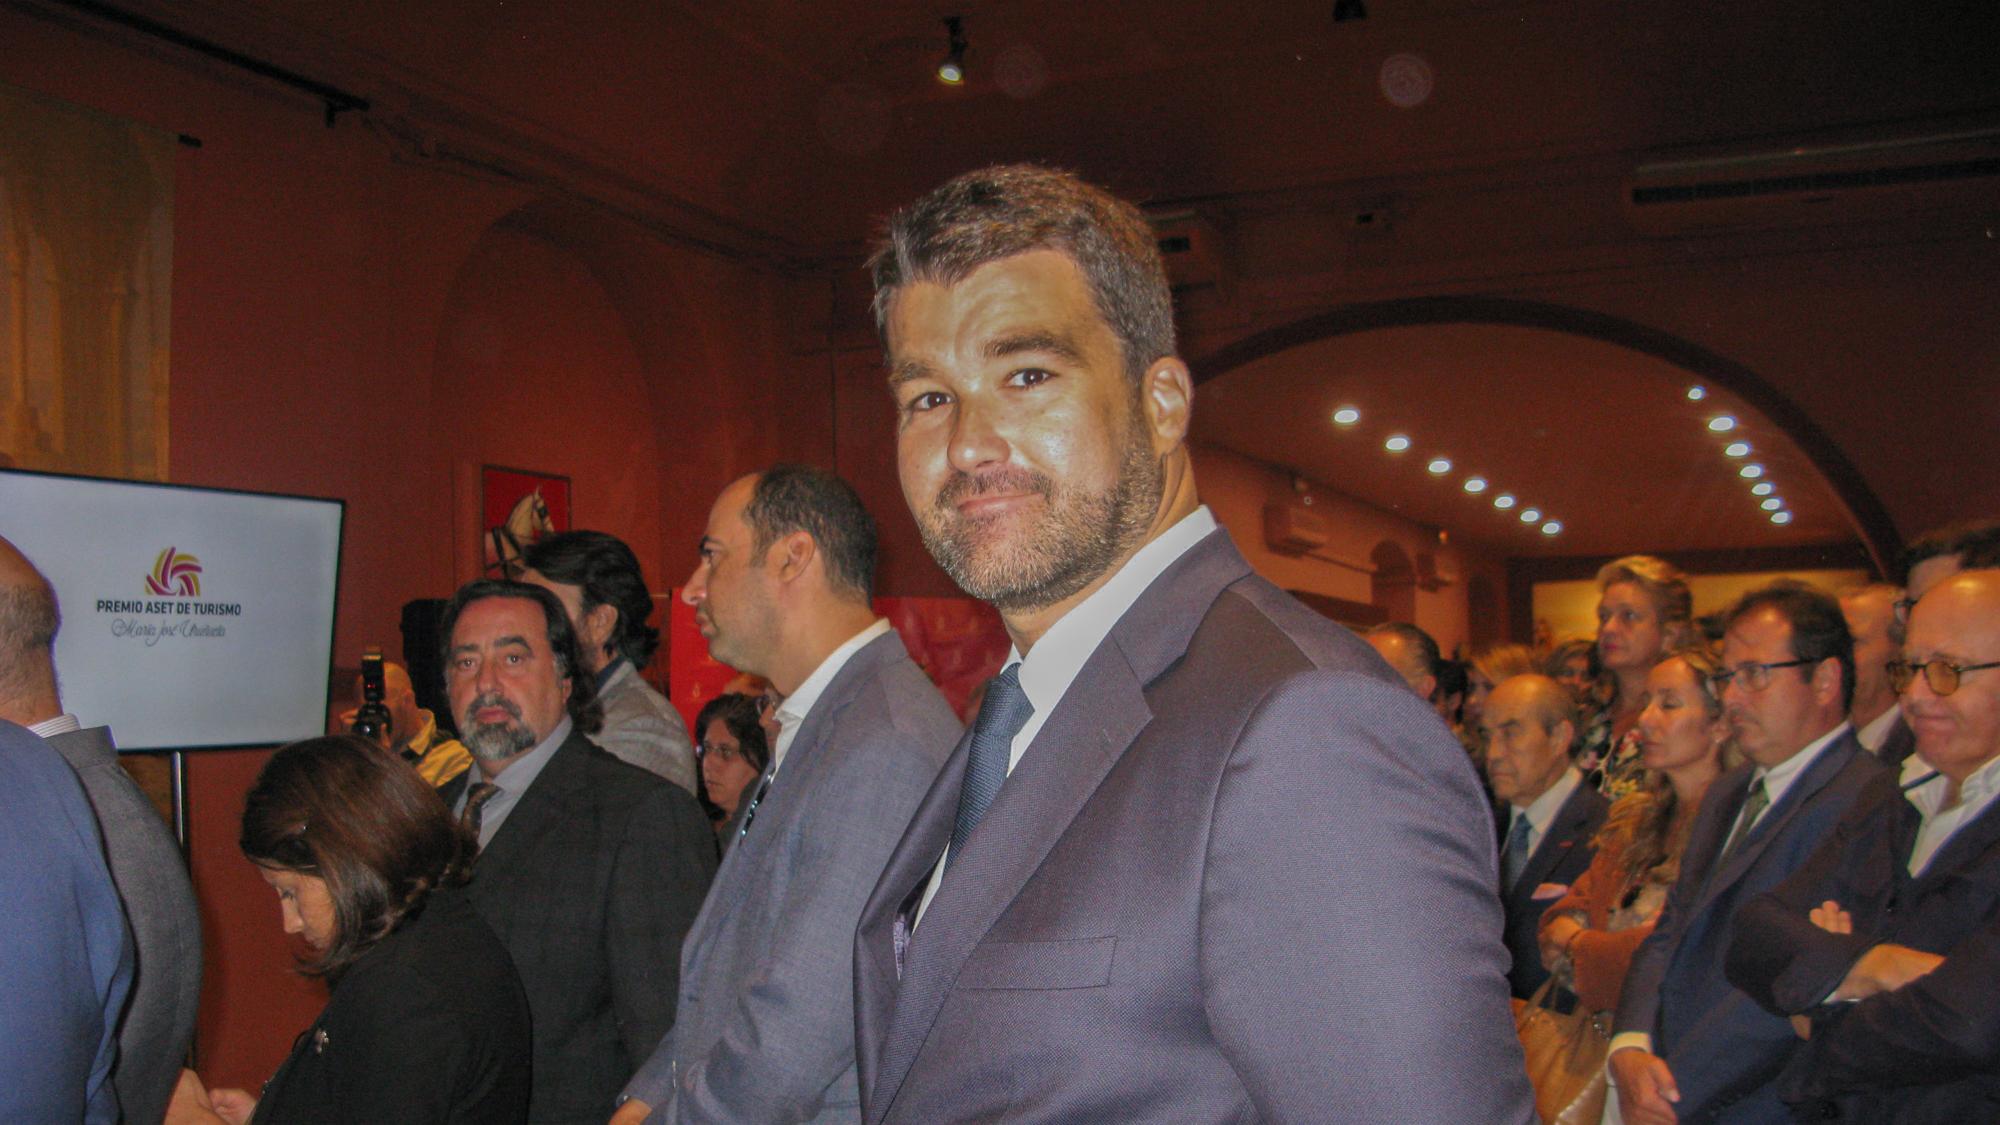 Premios ASET